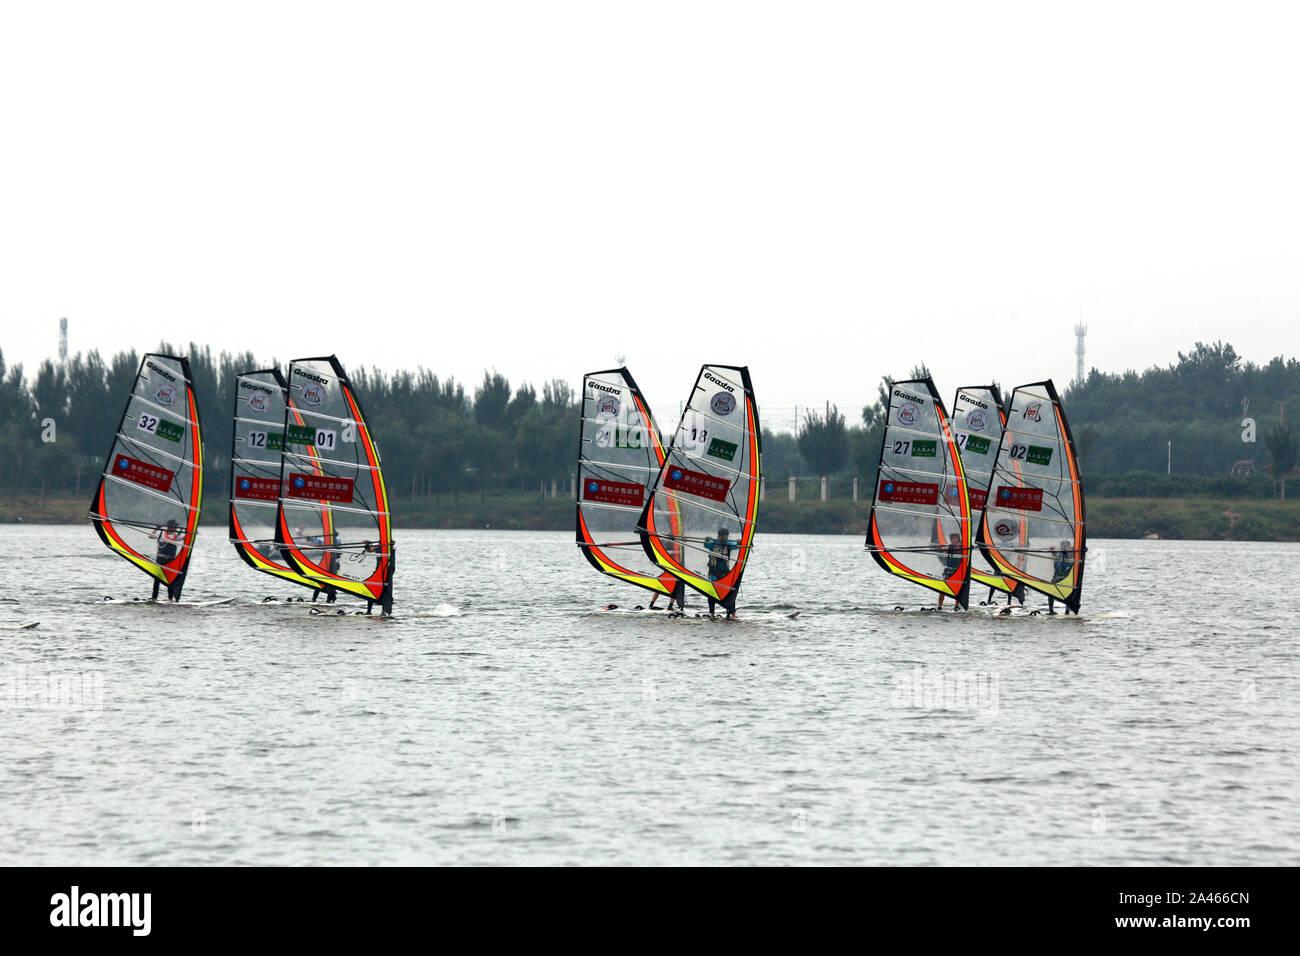 La gente windsurf en el lago del Parque Lila durante los 11 China Windsurf Challenge en la ciudad de Shenyang, en el noreste de la provincia china de Liaoning, 7 Septemb Foto de stock